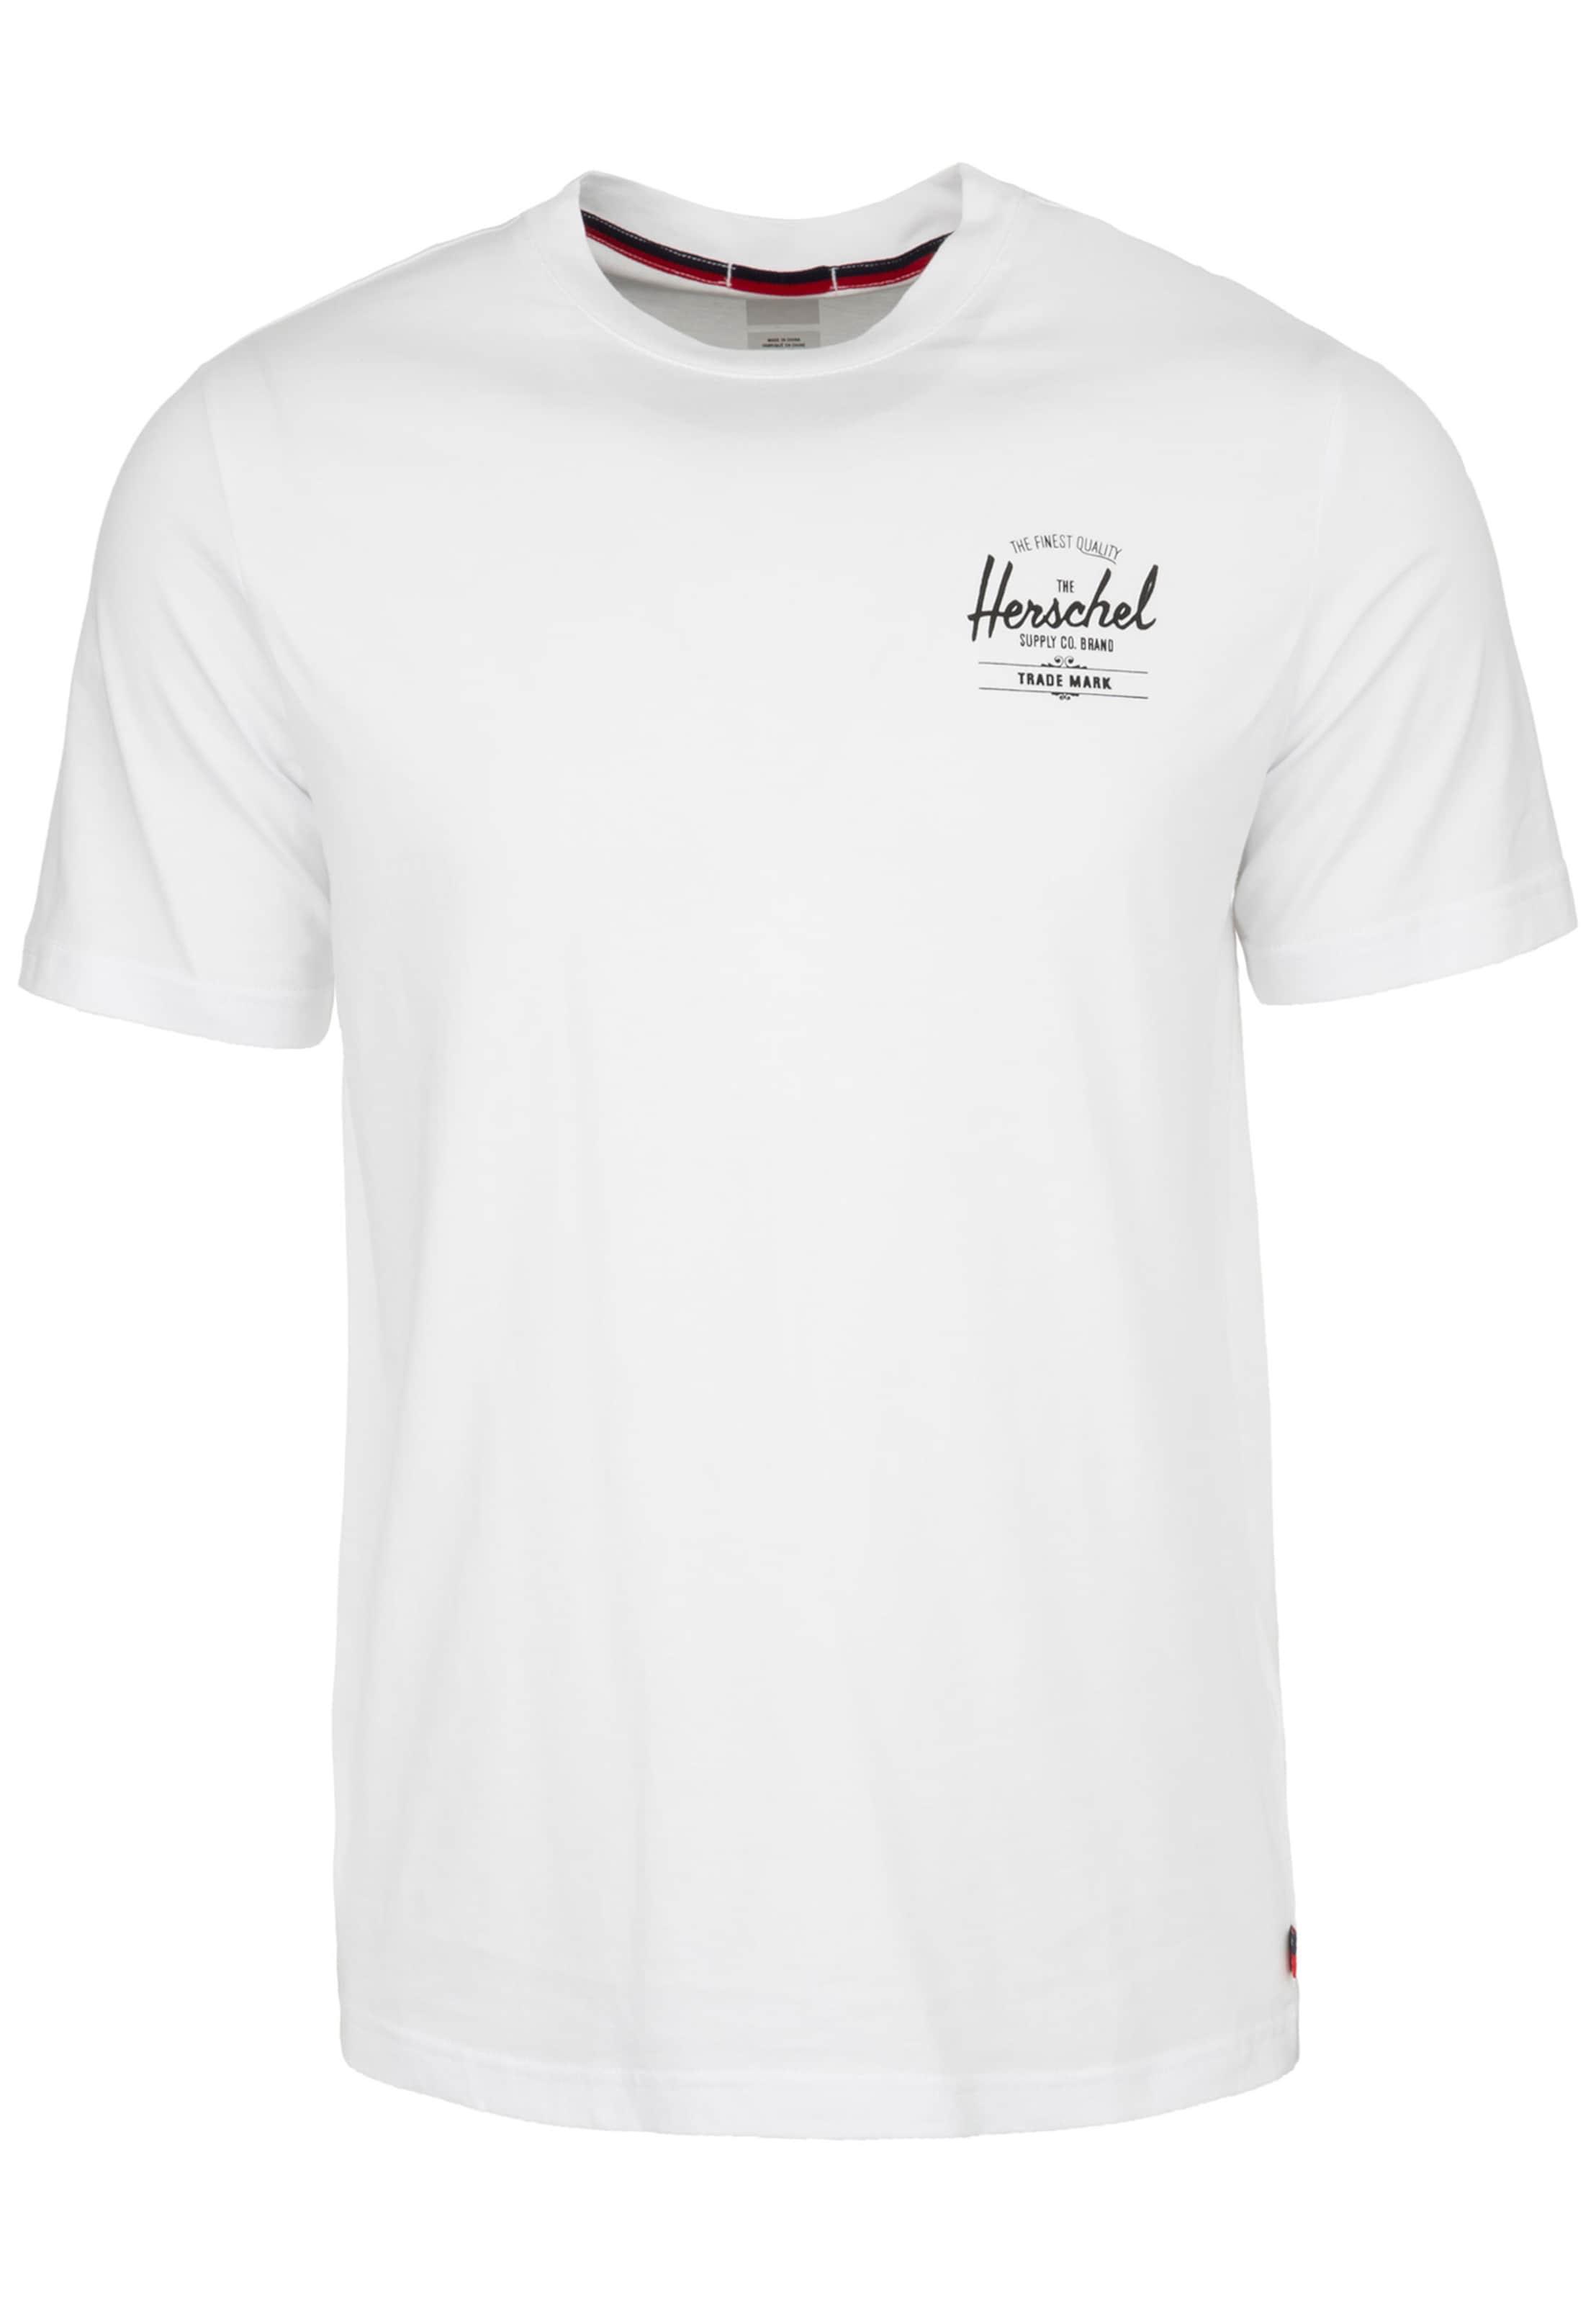 Herschel In shirt T T Herschel shirt Herschel Weiß In Weiß CodxBe